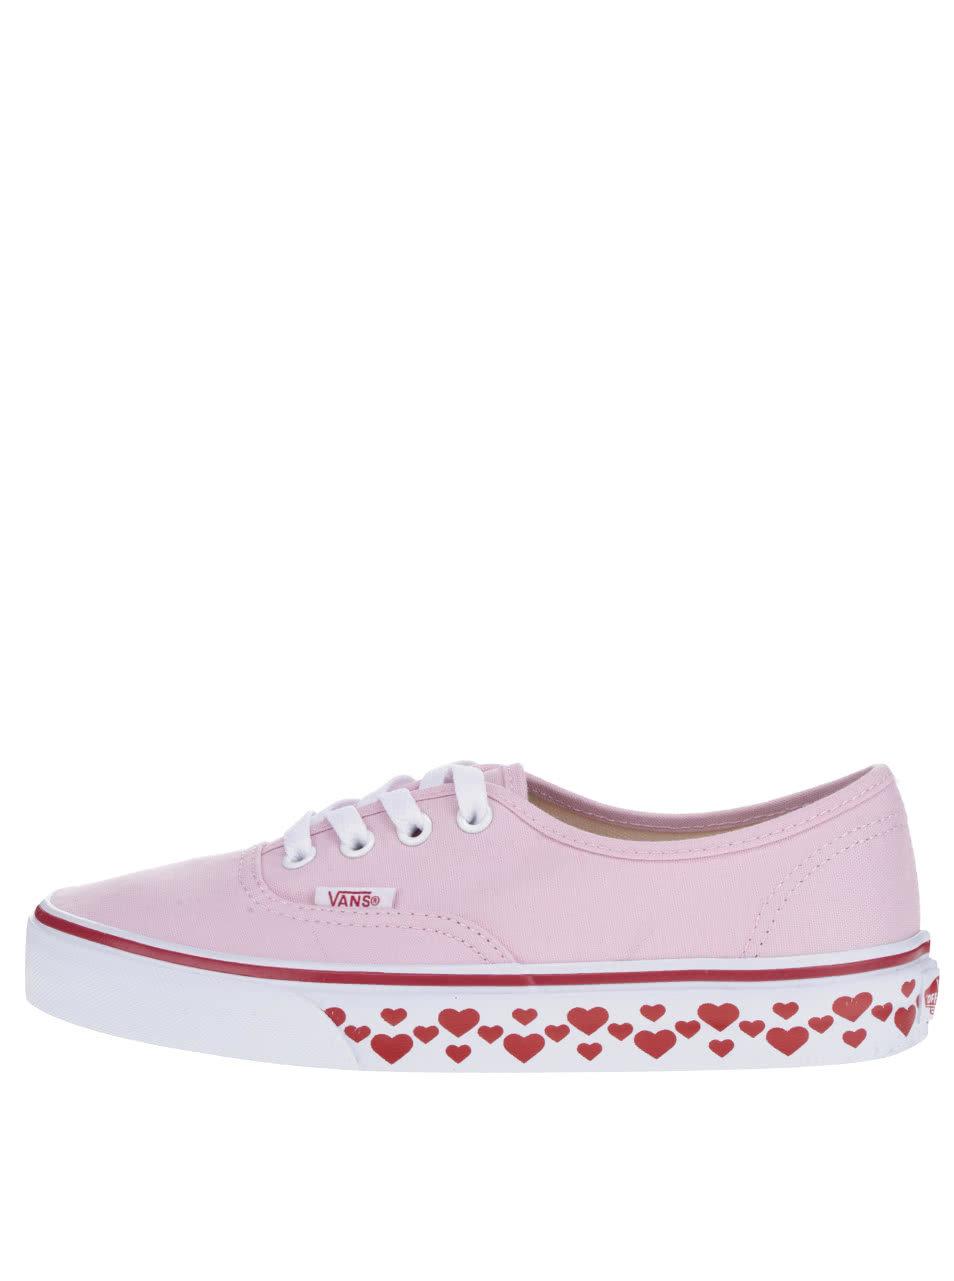 Ružové dámske tenisky s motívom srdiečok VANS Authentic ... e555143bed